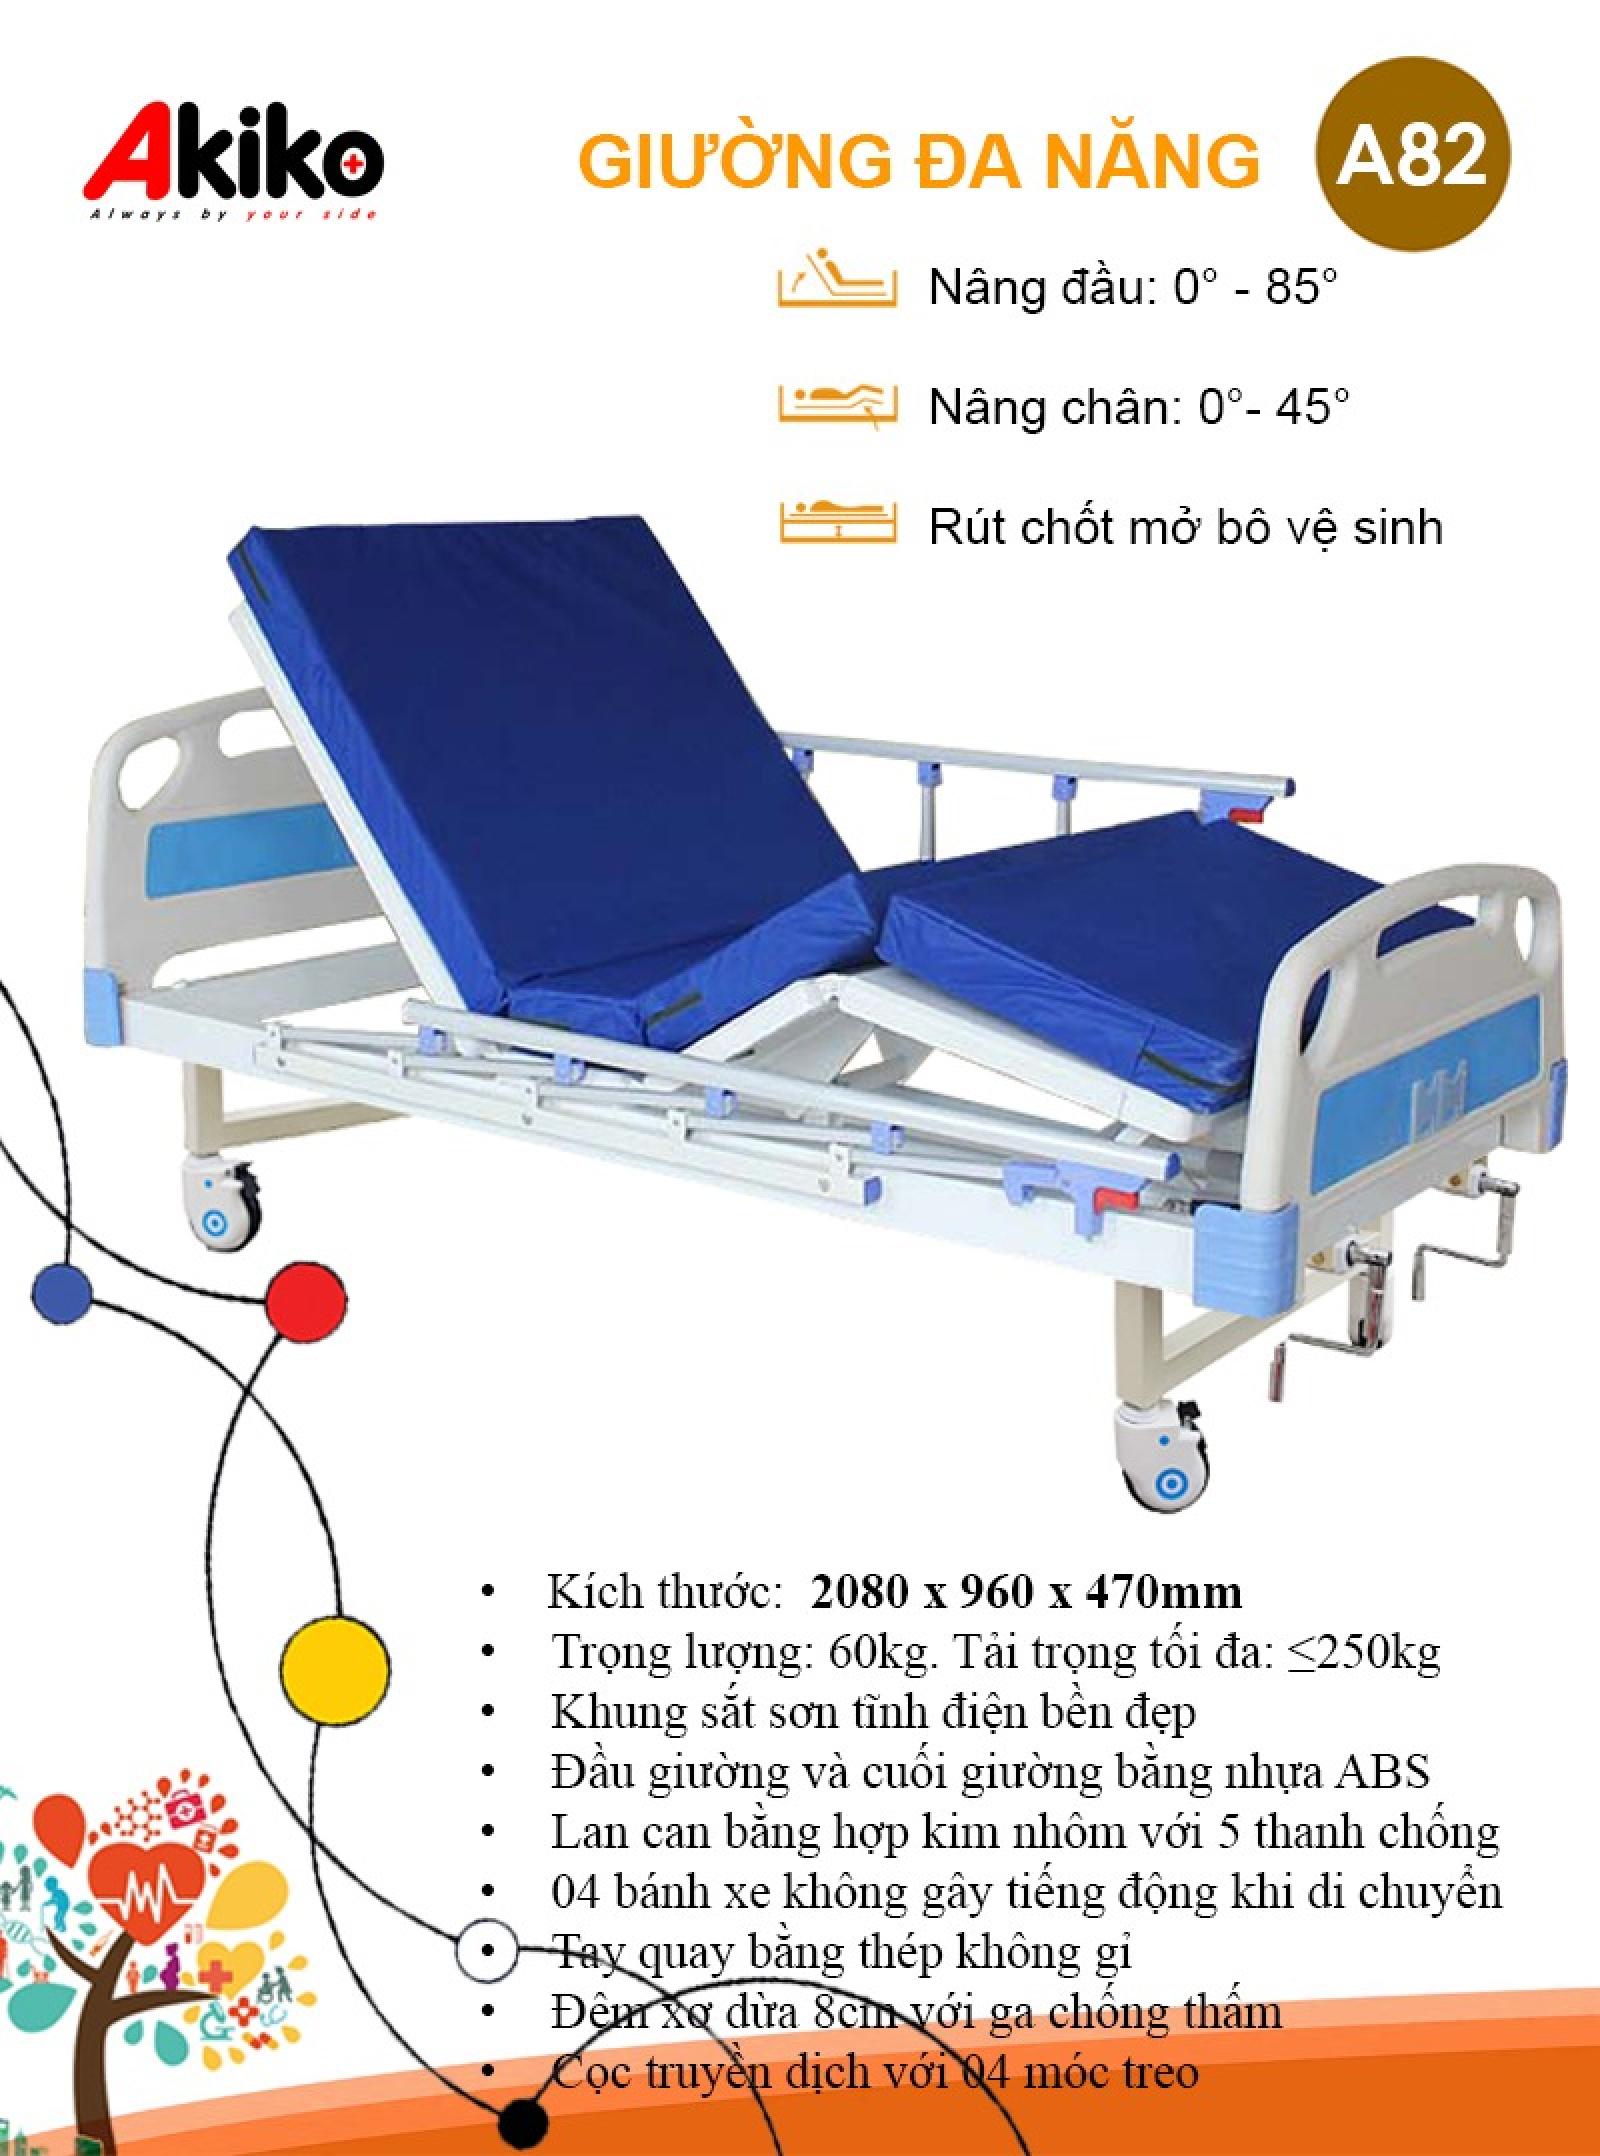 Giường bệnh nhân 2 tay quay 3 chức năng Akiko A82 có bô vệ sinh